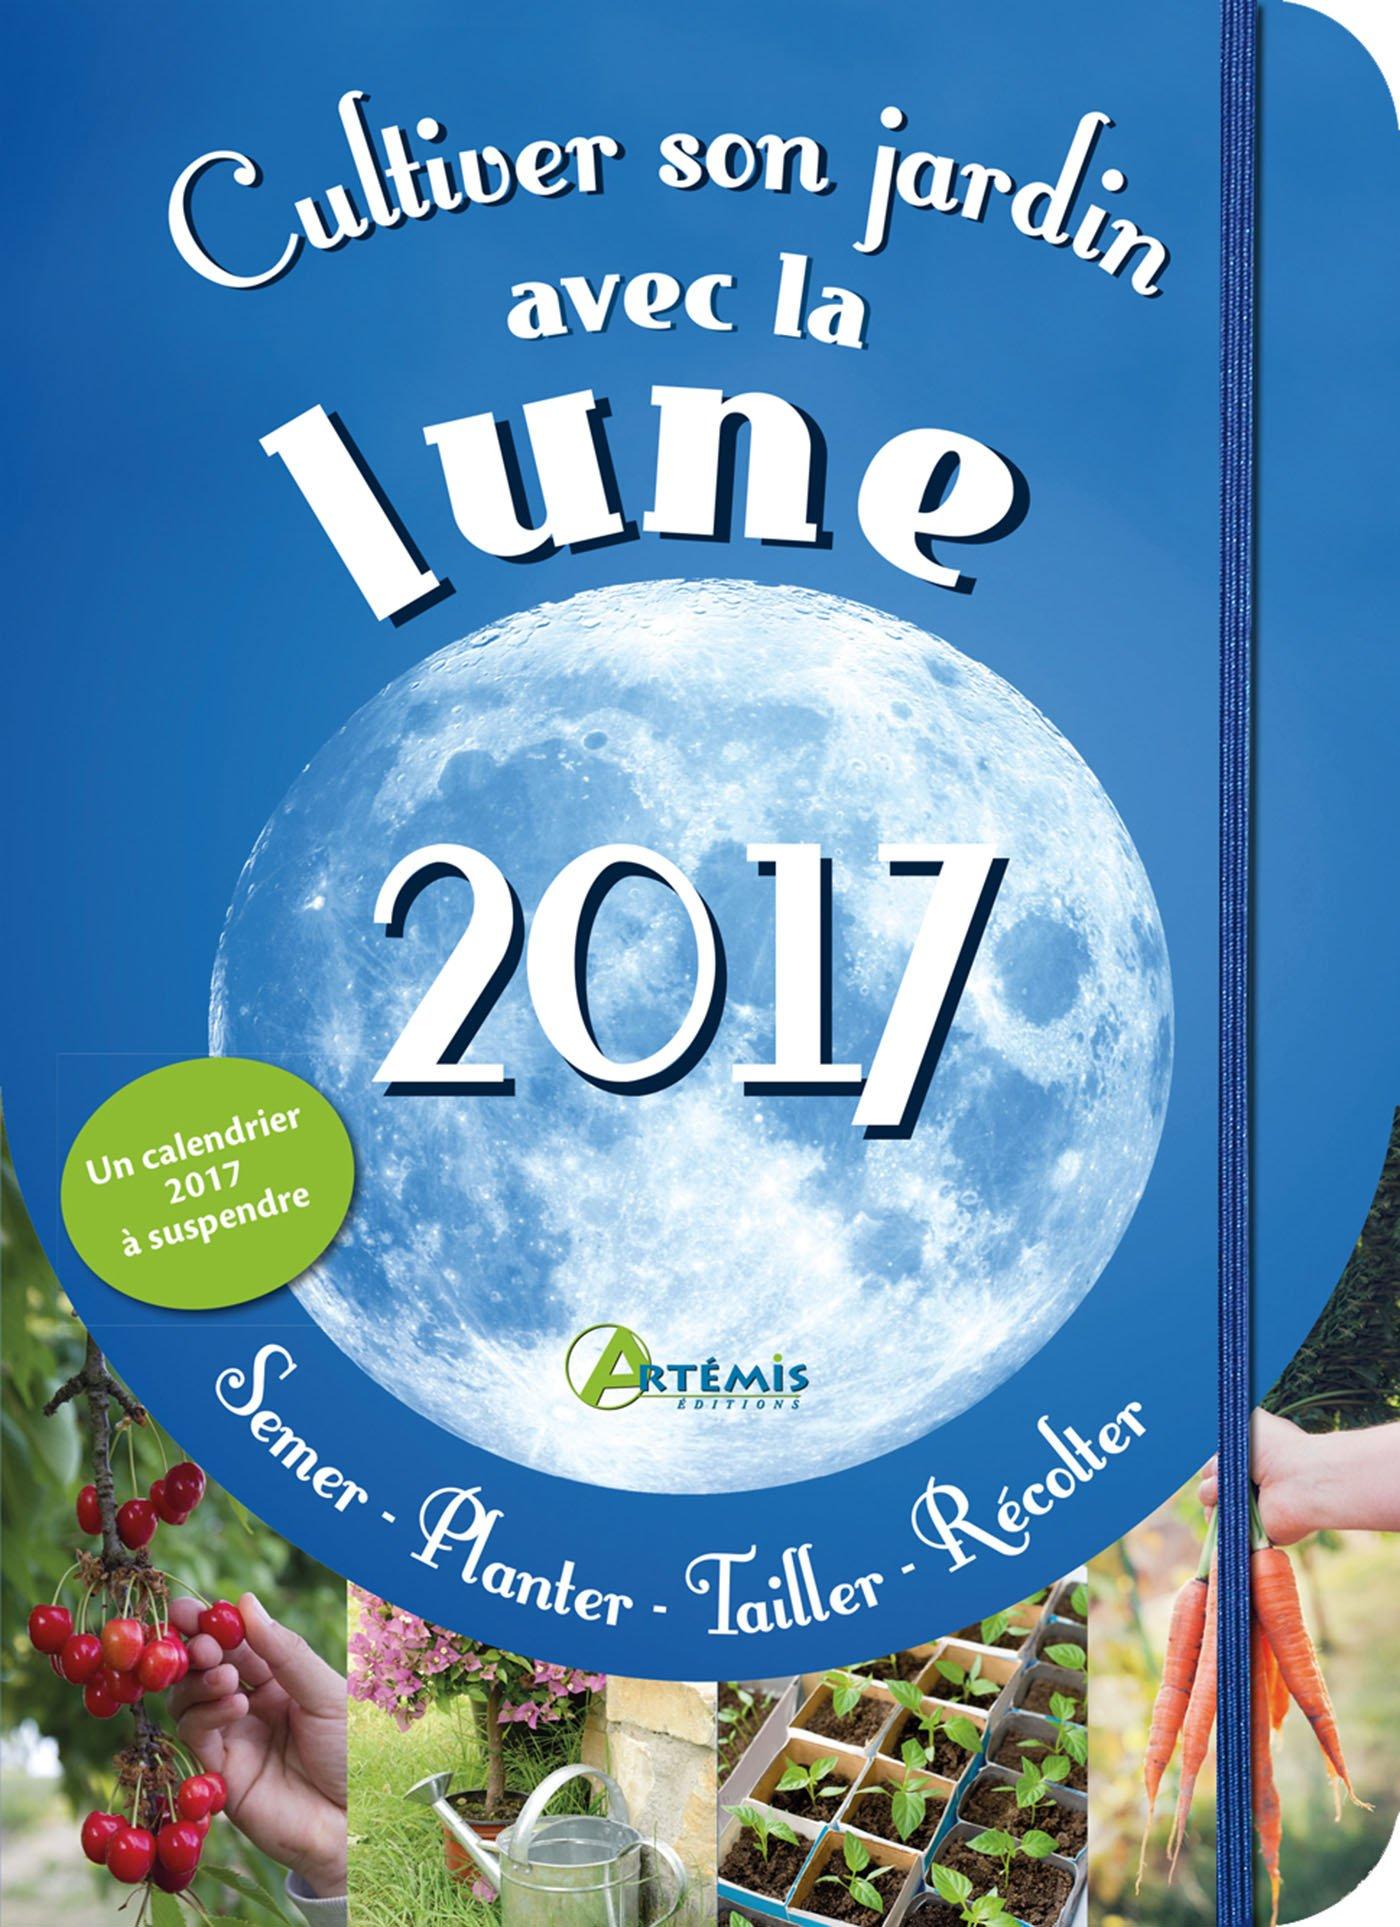 Calendrier Lunaire Rustica Avril 2017 Luxe Image Planter Avec La Lune 27 Avec Amazon Fr Cultiver son Jardin Avec La